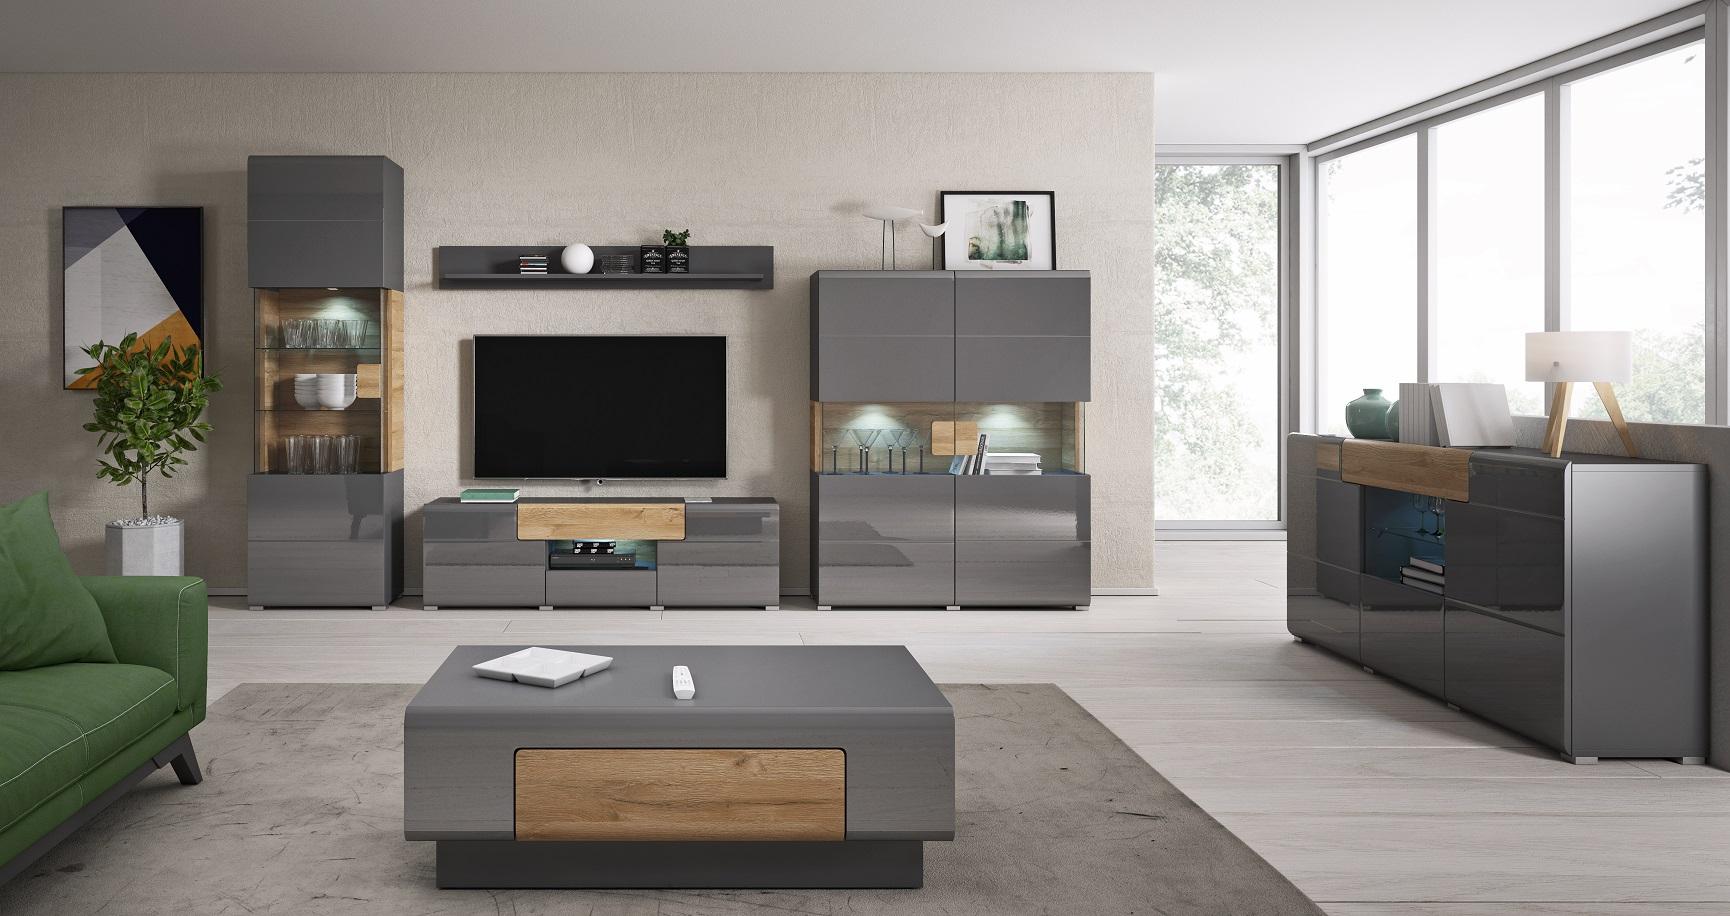 Luxusní bytový nábytek Terto sestava B - Inspirace a fotogalerie